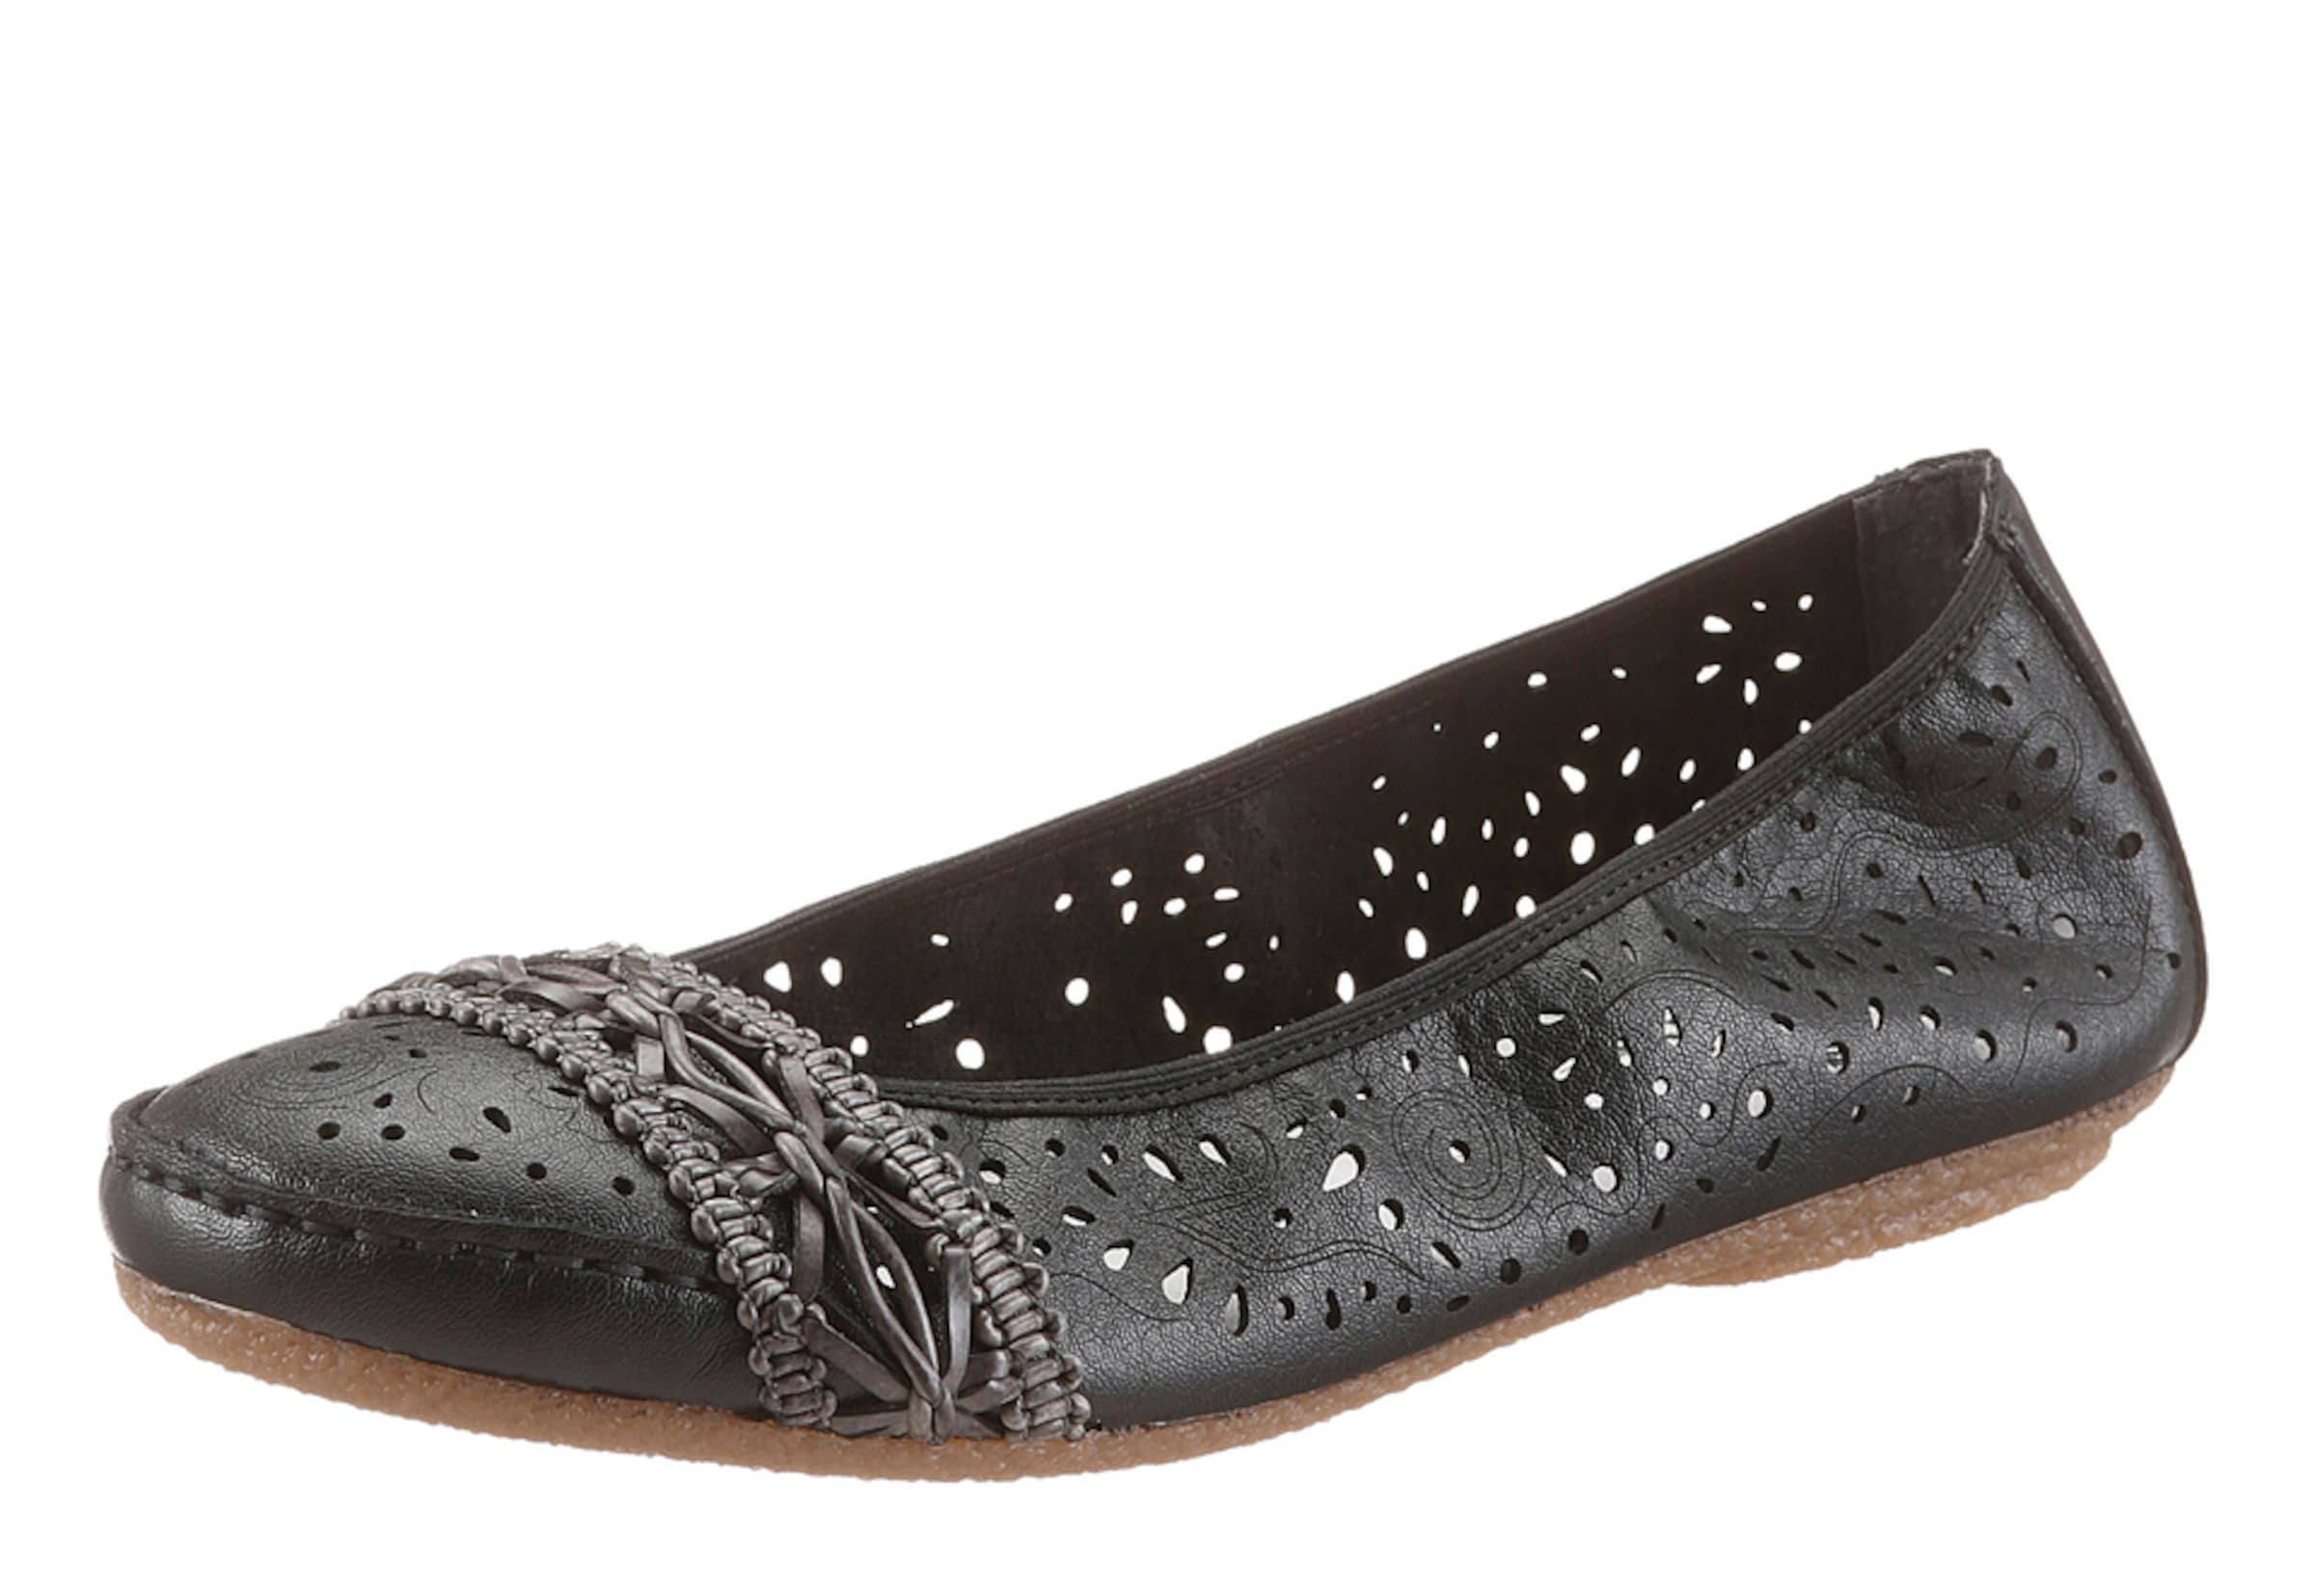 RIEKER Ballerinas Günstige und langlebige Schuhe